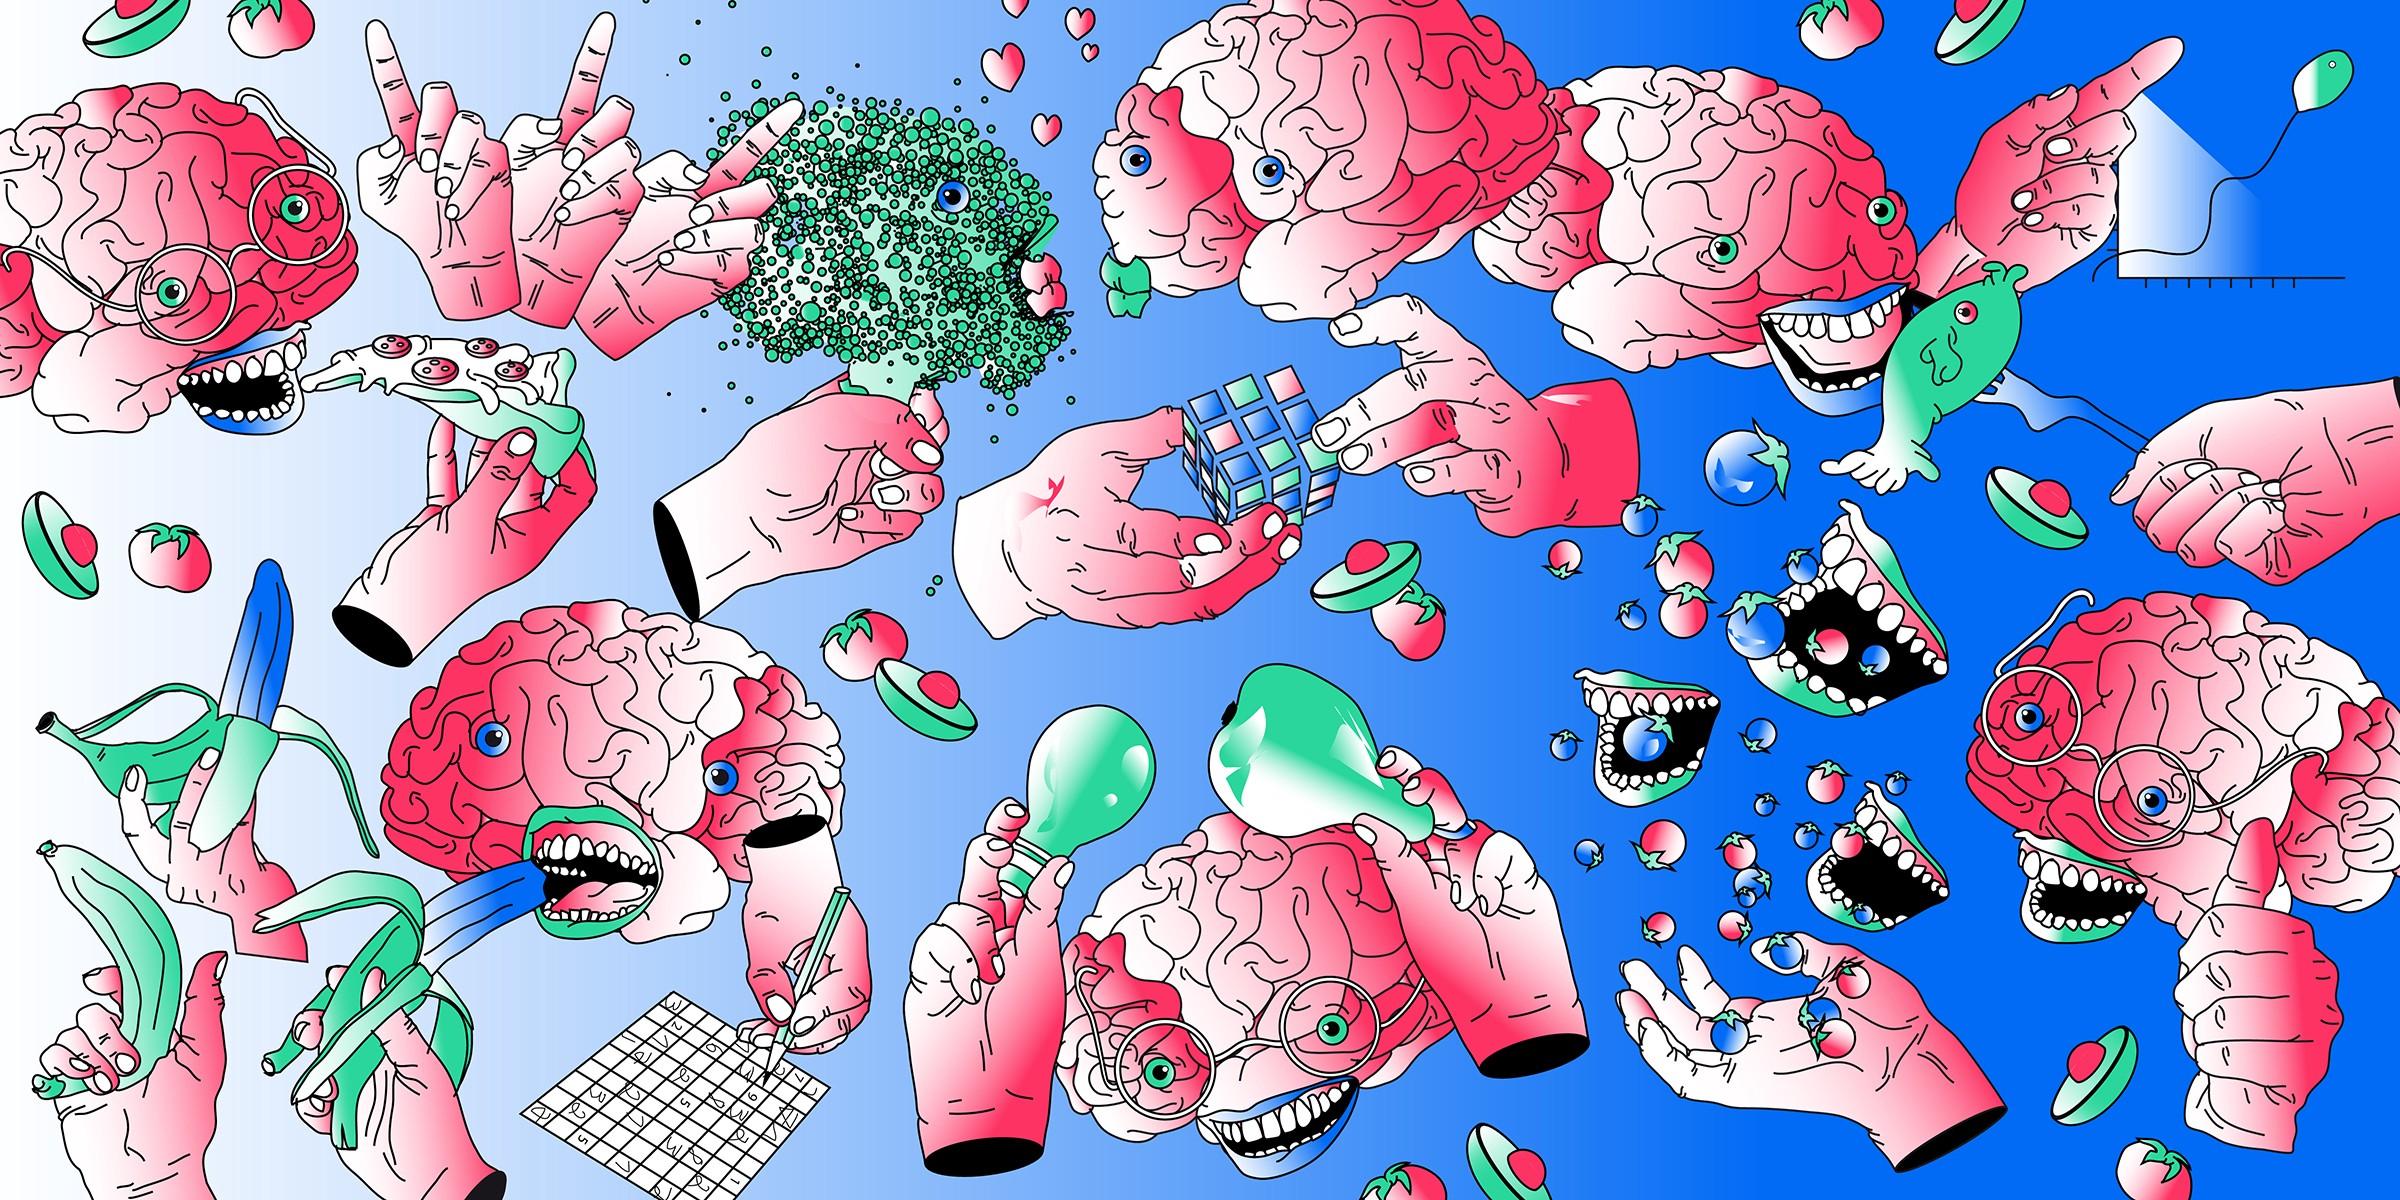 Социальная изоляция и голод похожи для мозга. Исследование